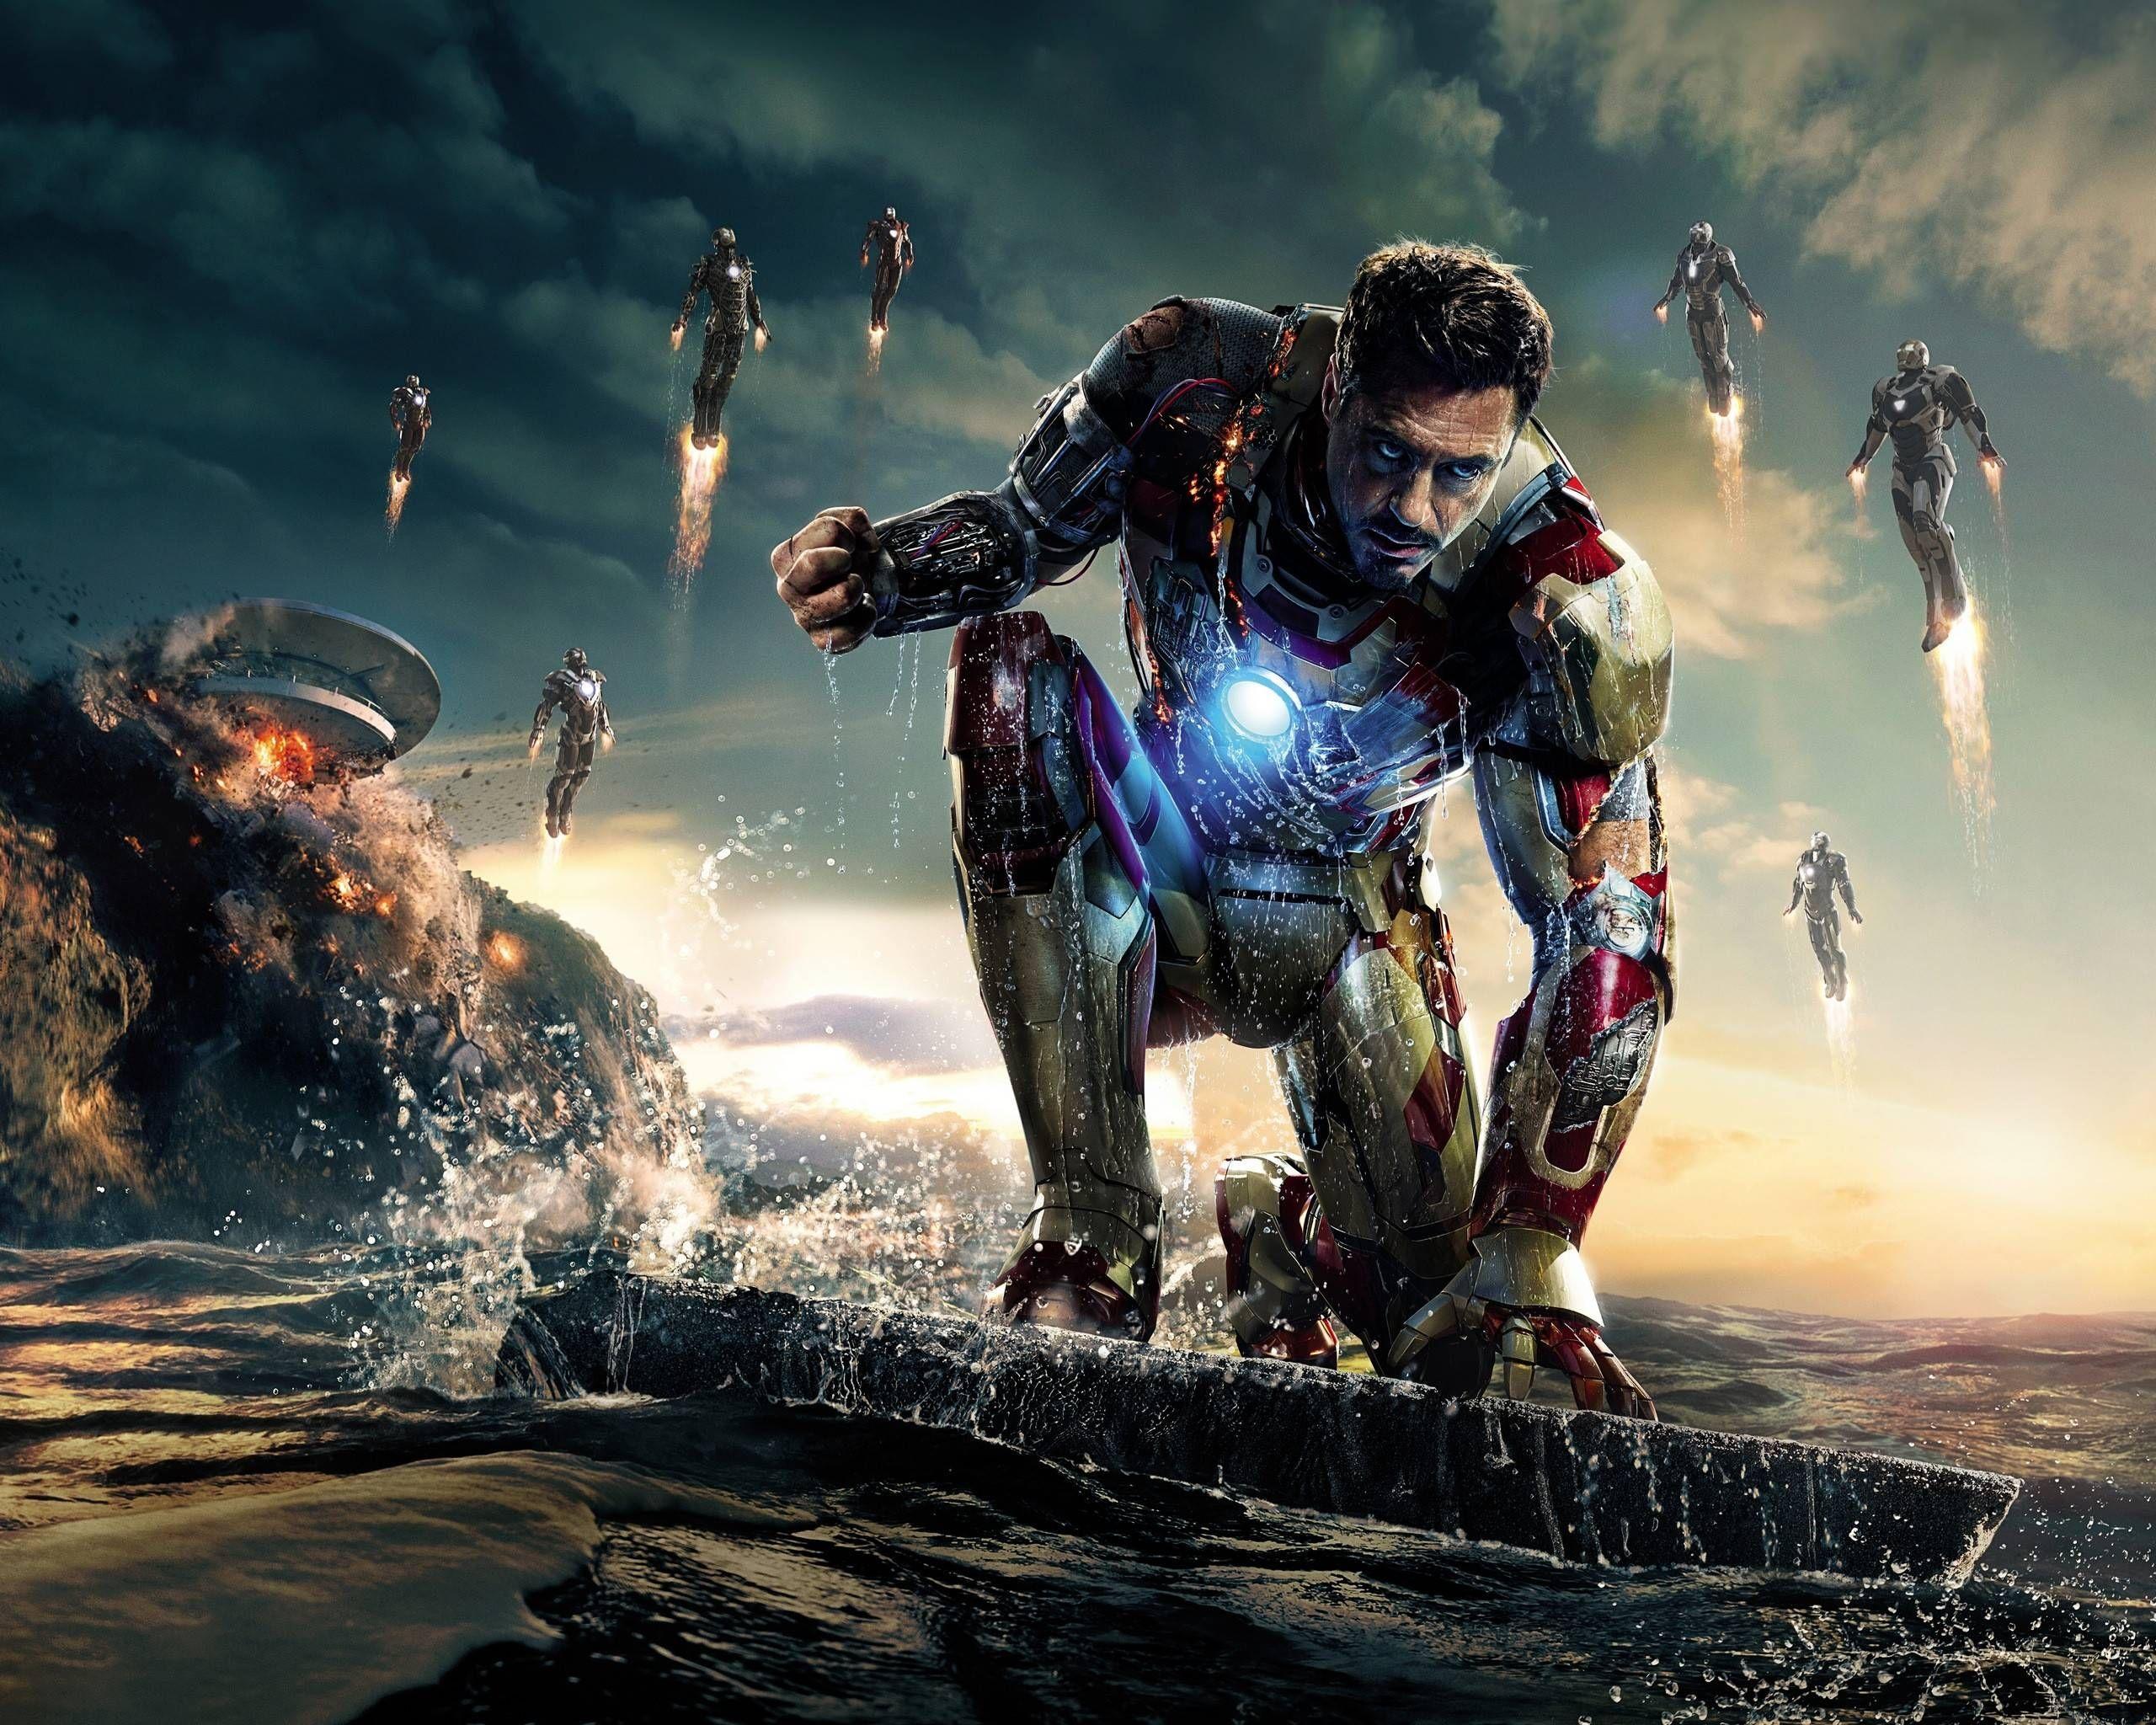 Công nghệ CGI trong Iron Man 3